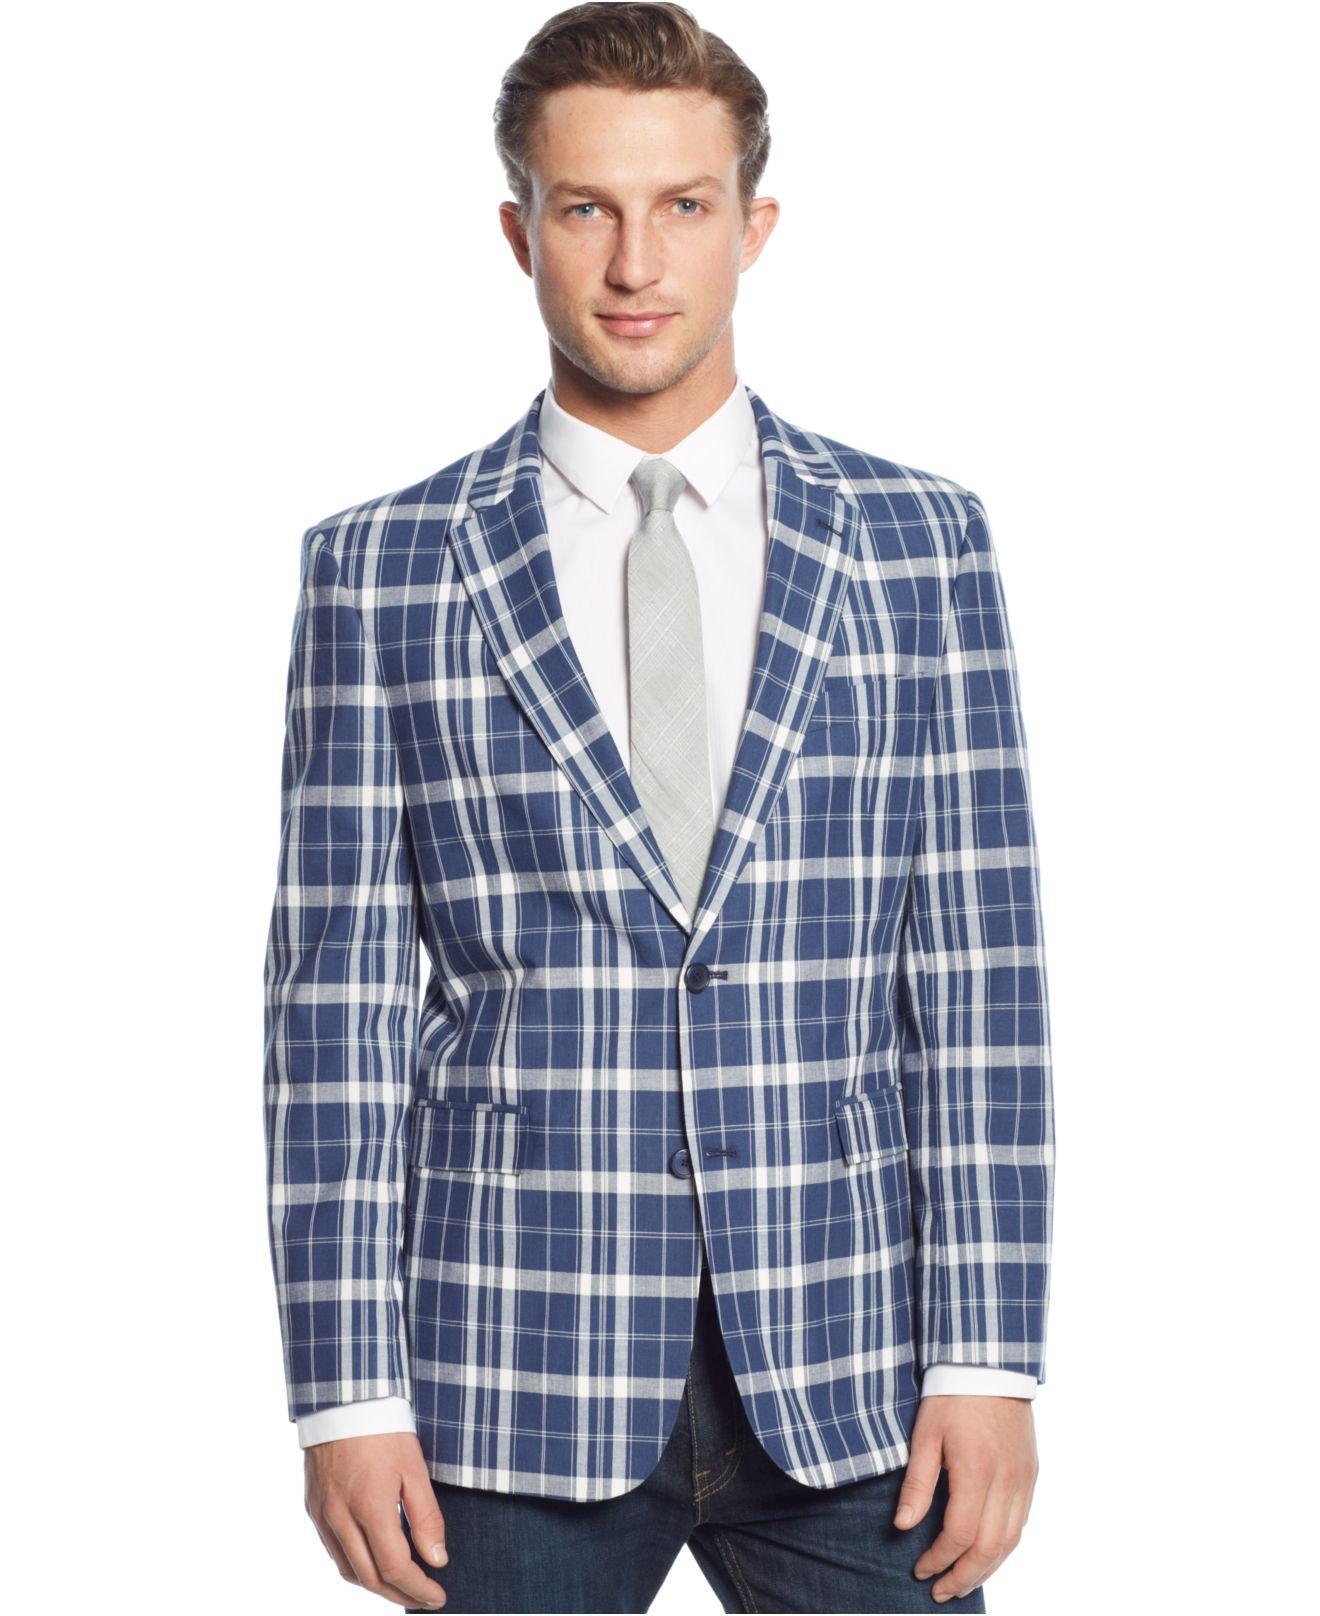 tommy hilfiger trim fit blue white madras sport coat for. Black Bedroom Furniture Sets. Home Design Ideas